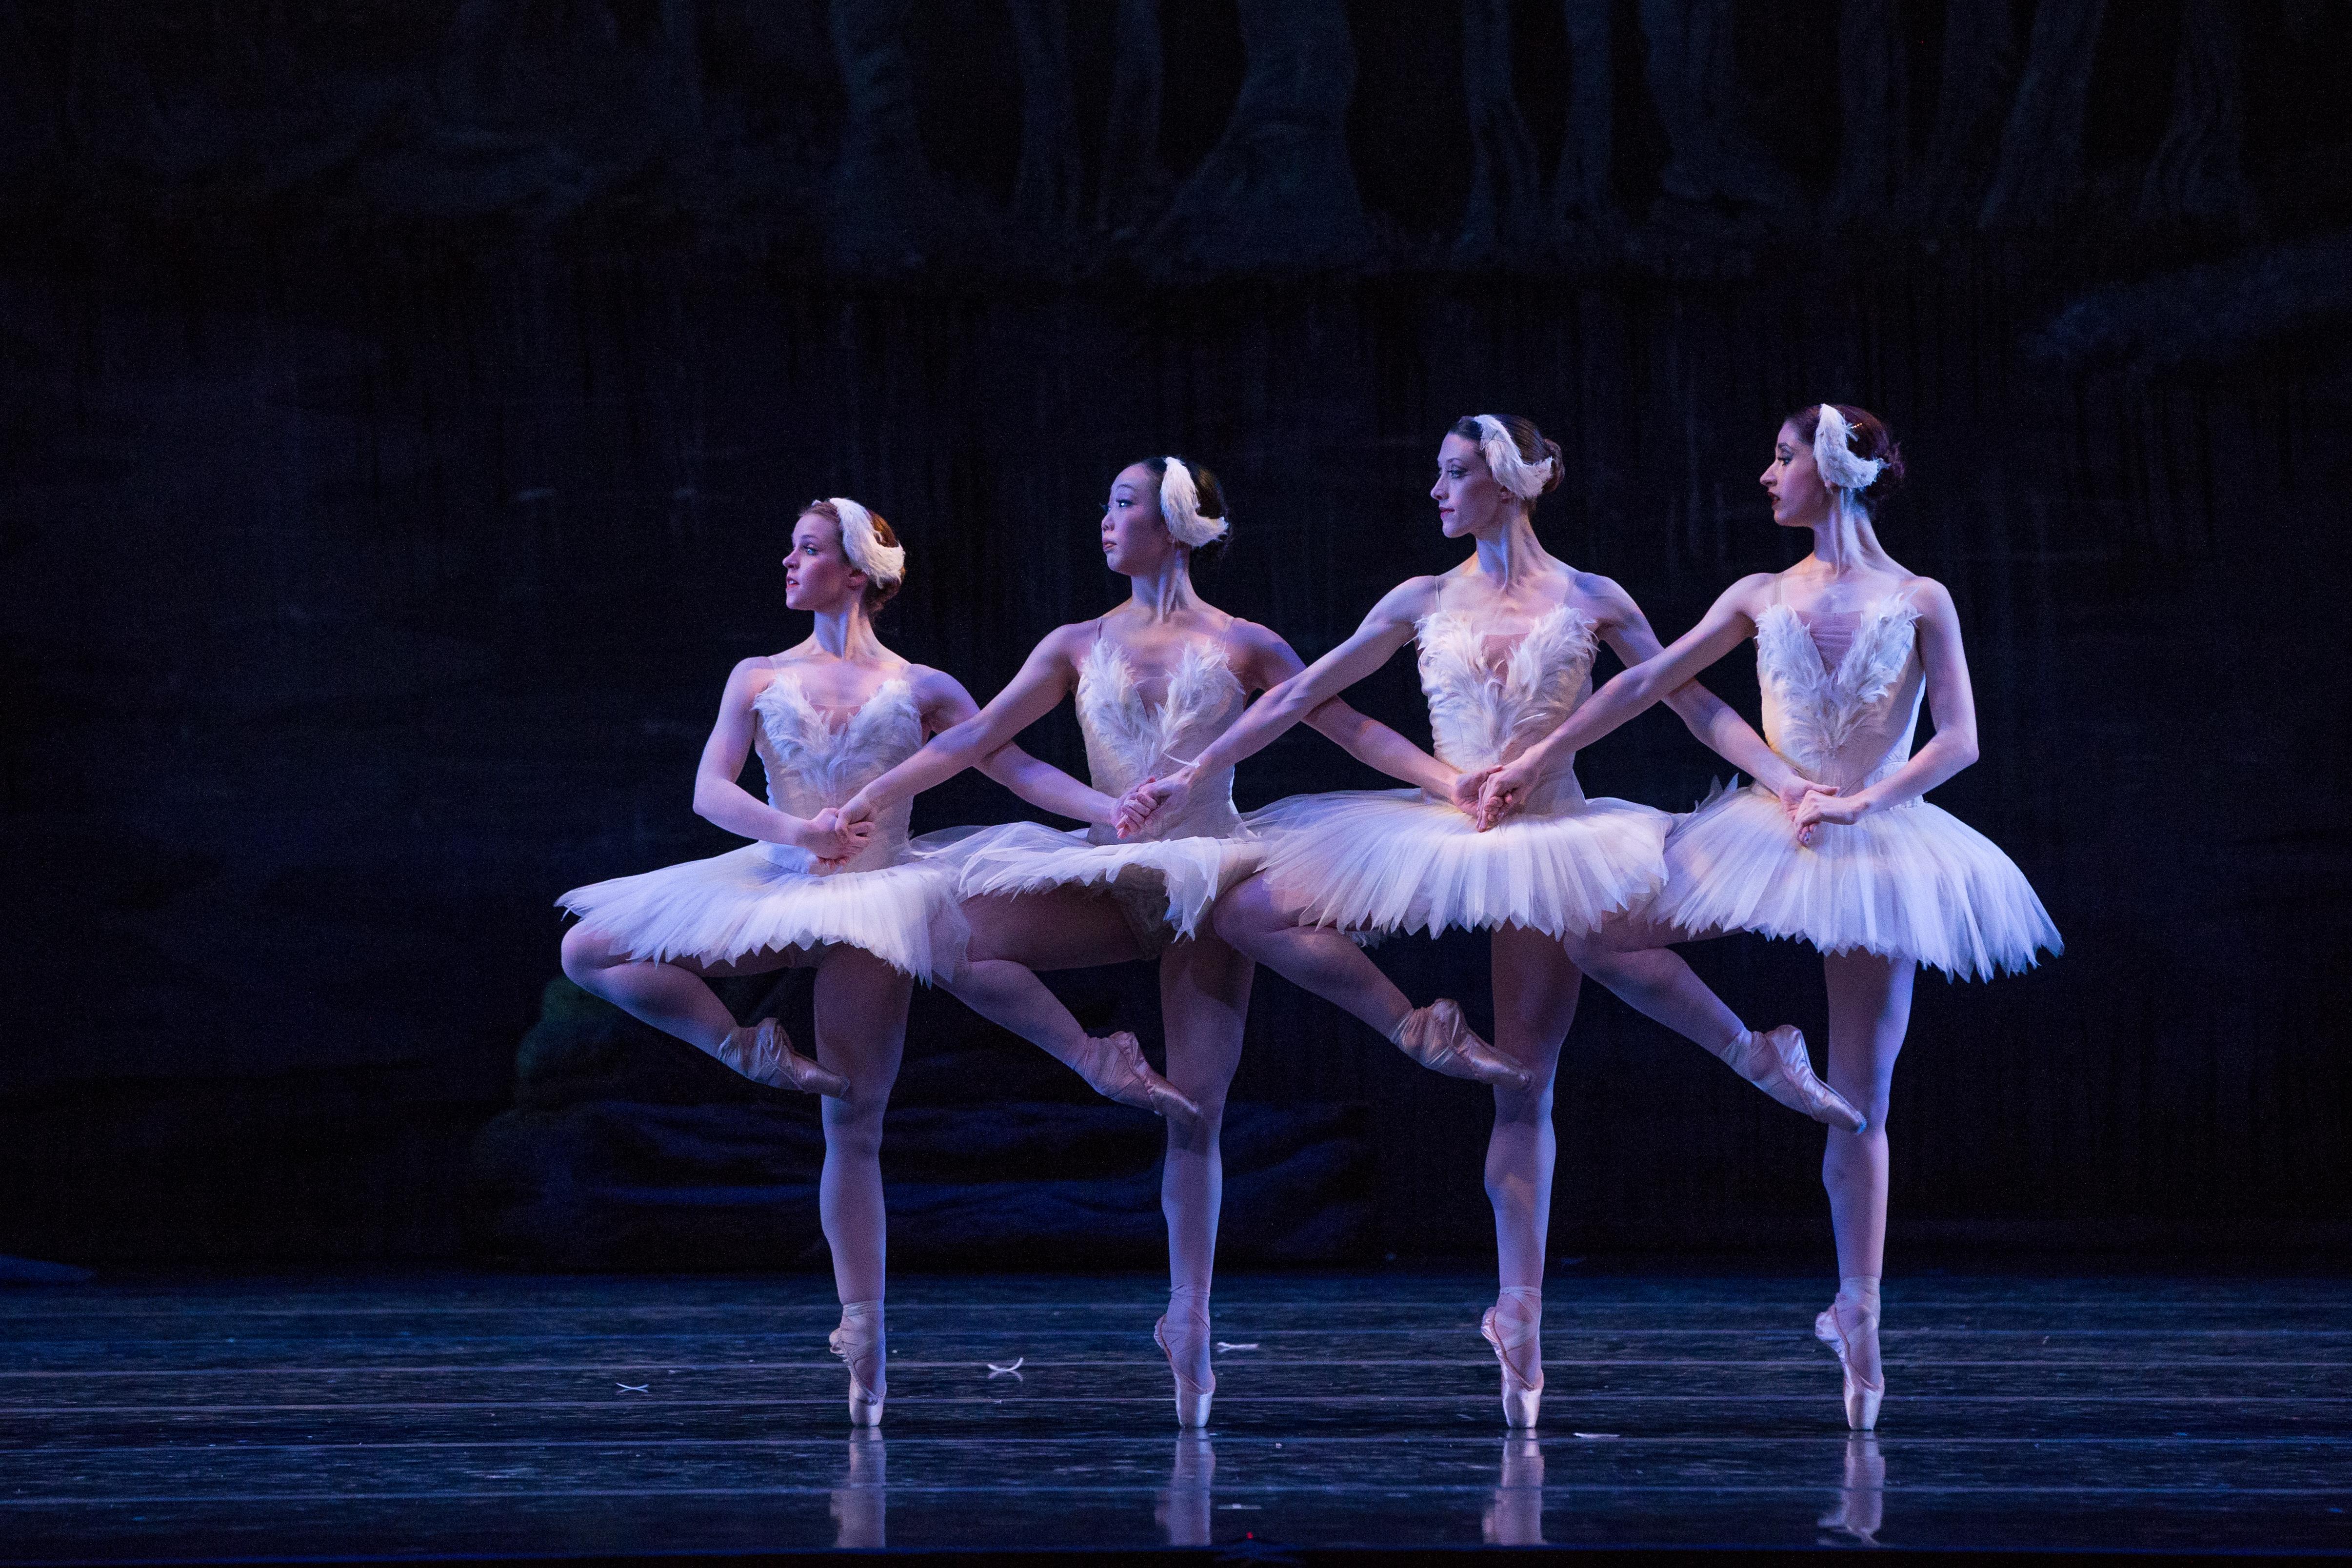 Danse des petits cygnes - Wikipedia